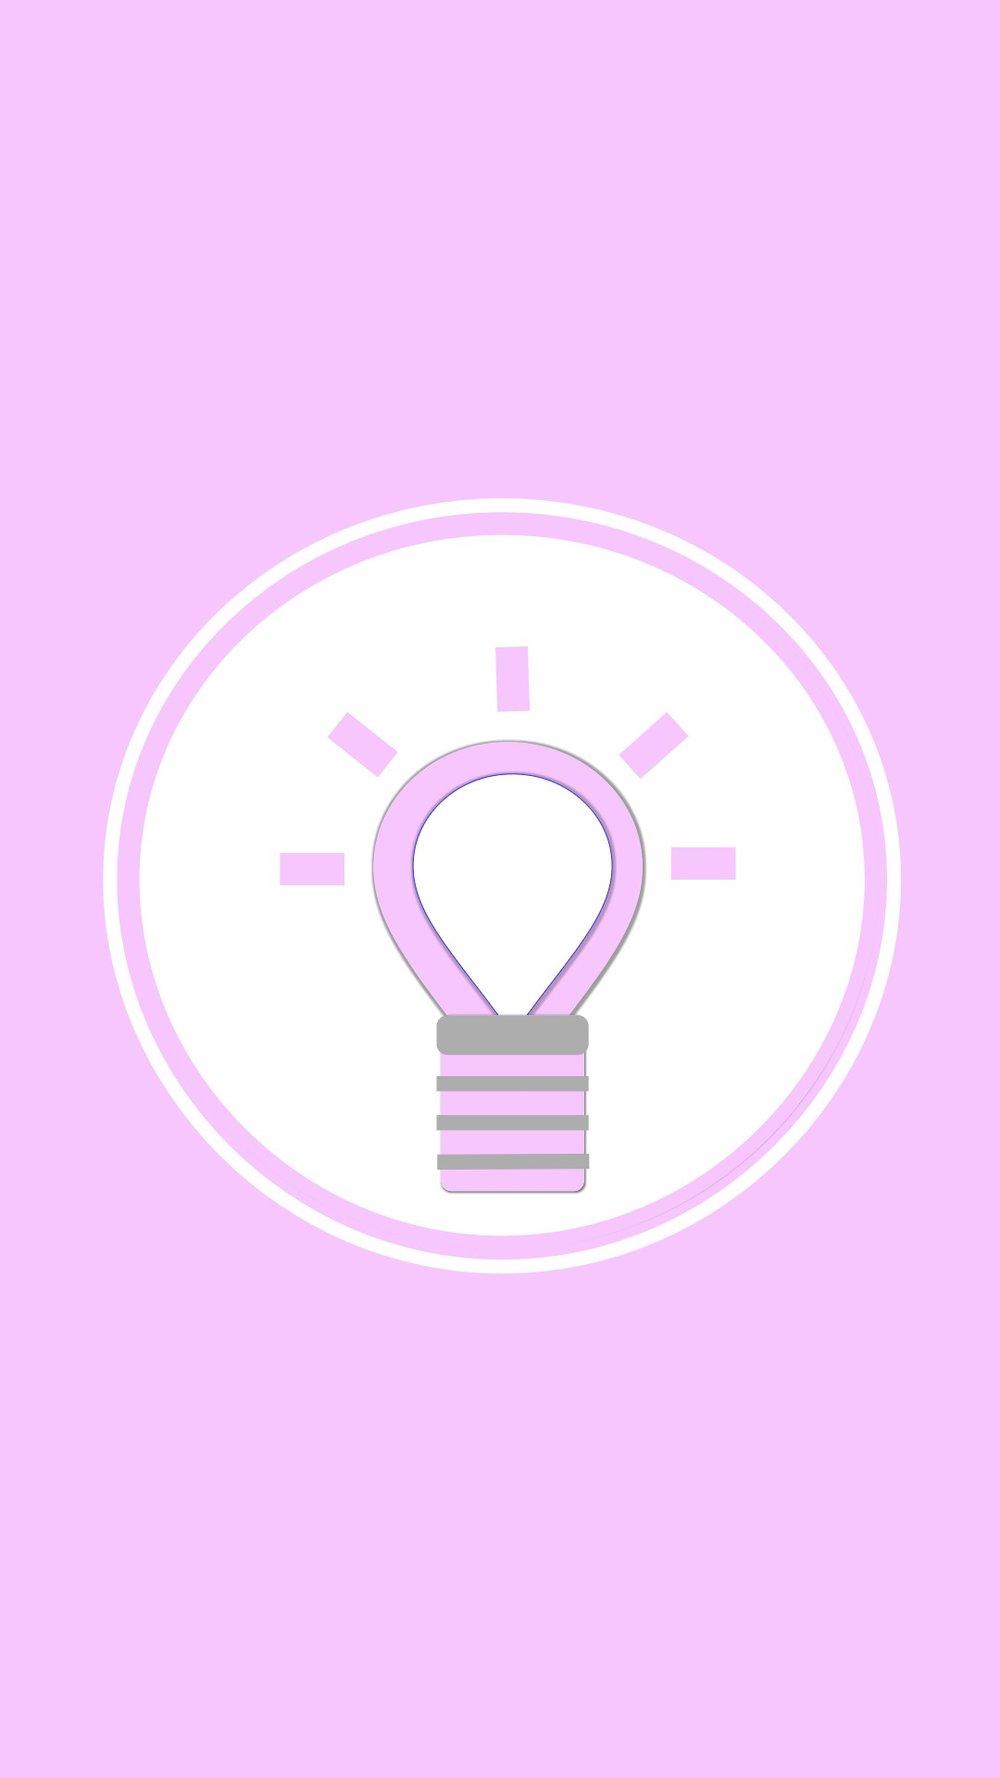 Instagram-cover-lightbulb-pink-lotnotes.jpg